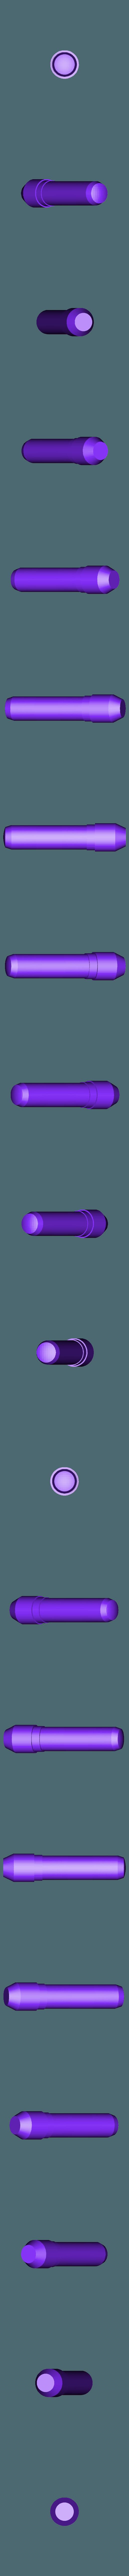 q_gun_tip.stl Télécharger fichier STL gratuit bernard q gun welding tip • Modèle pour impression 3D, Punisher_4u